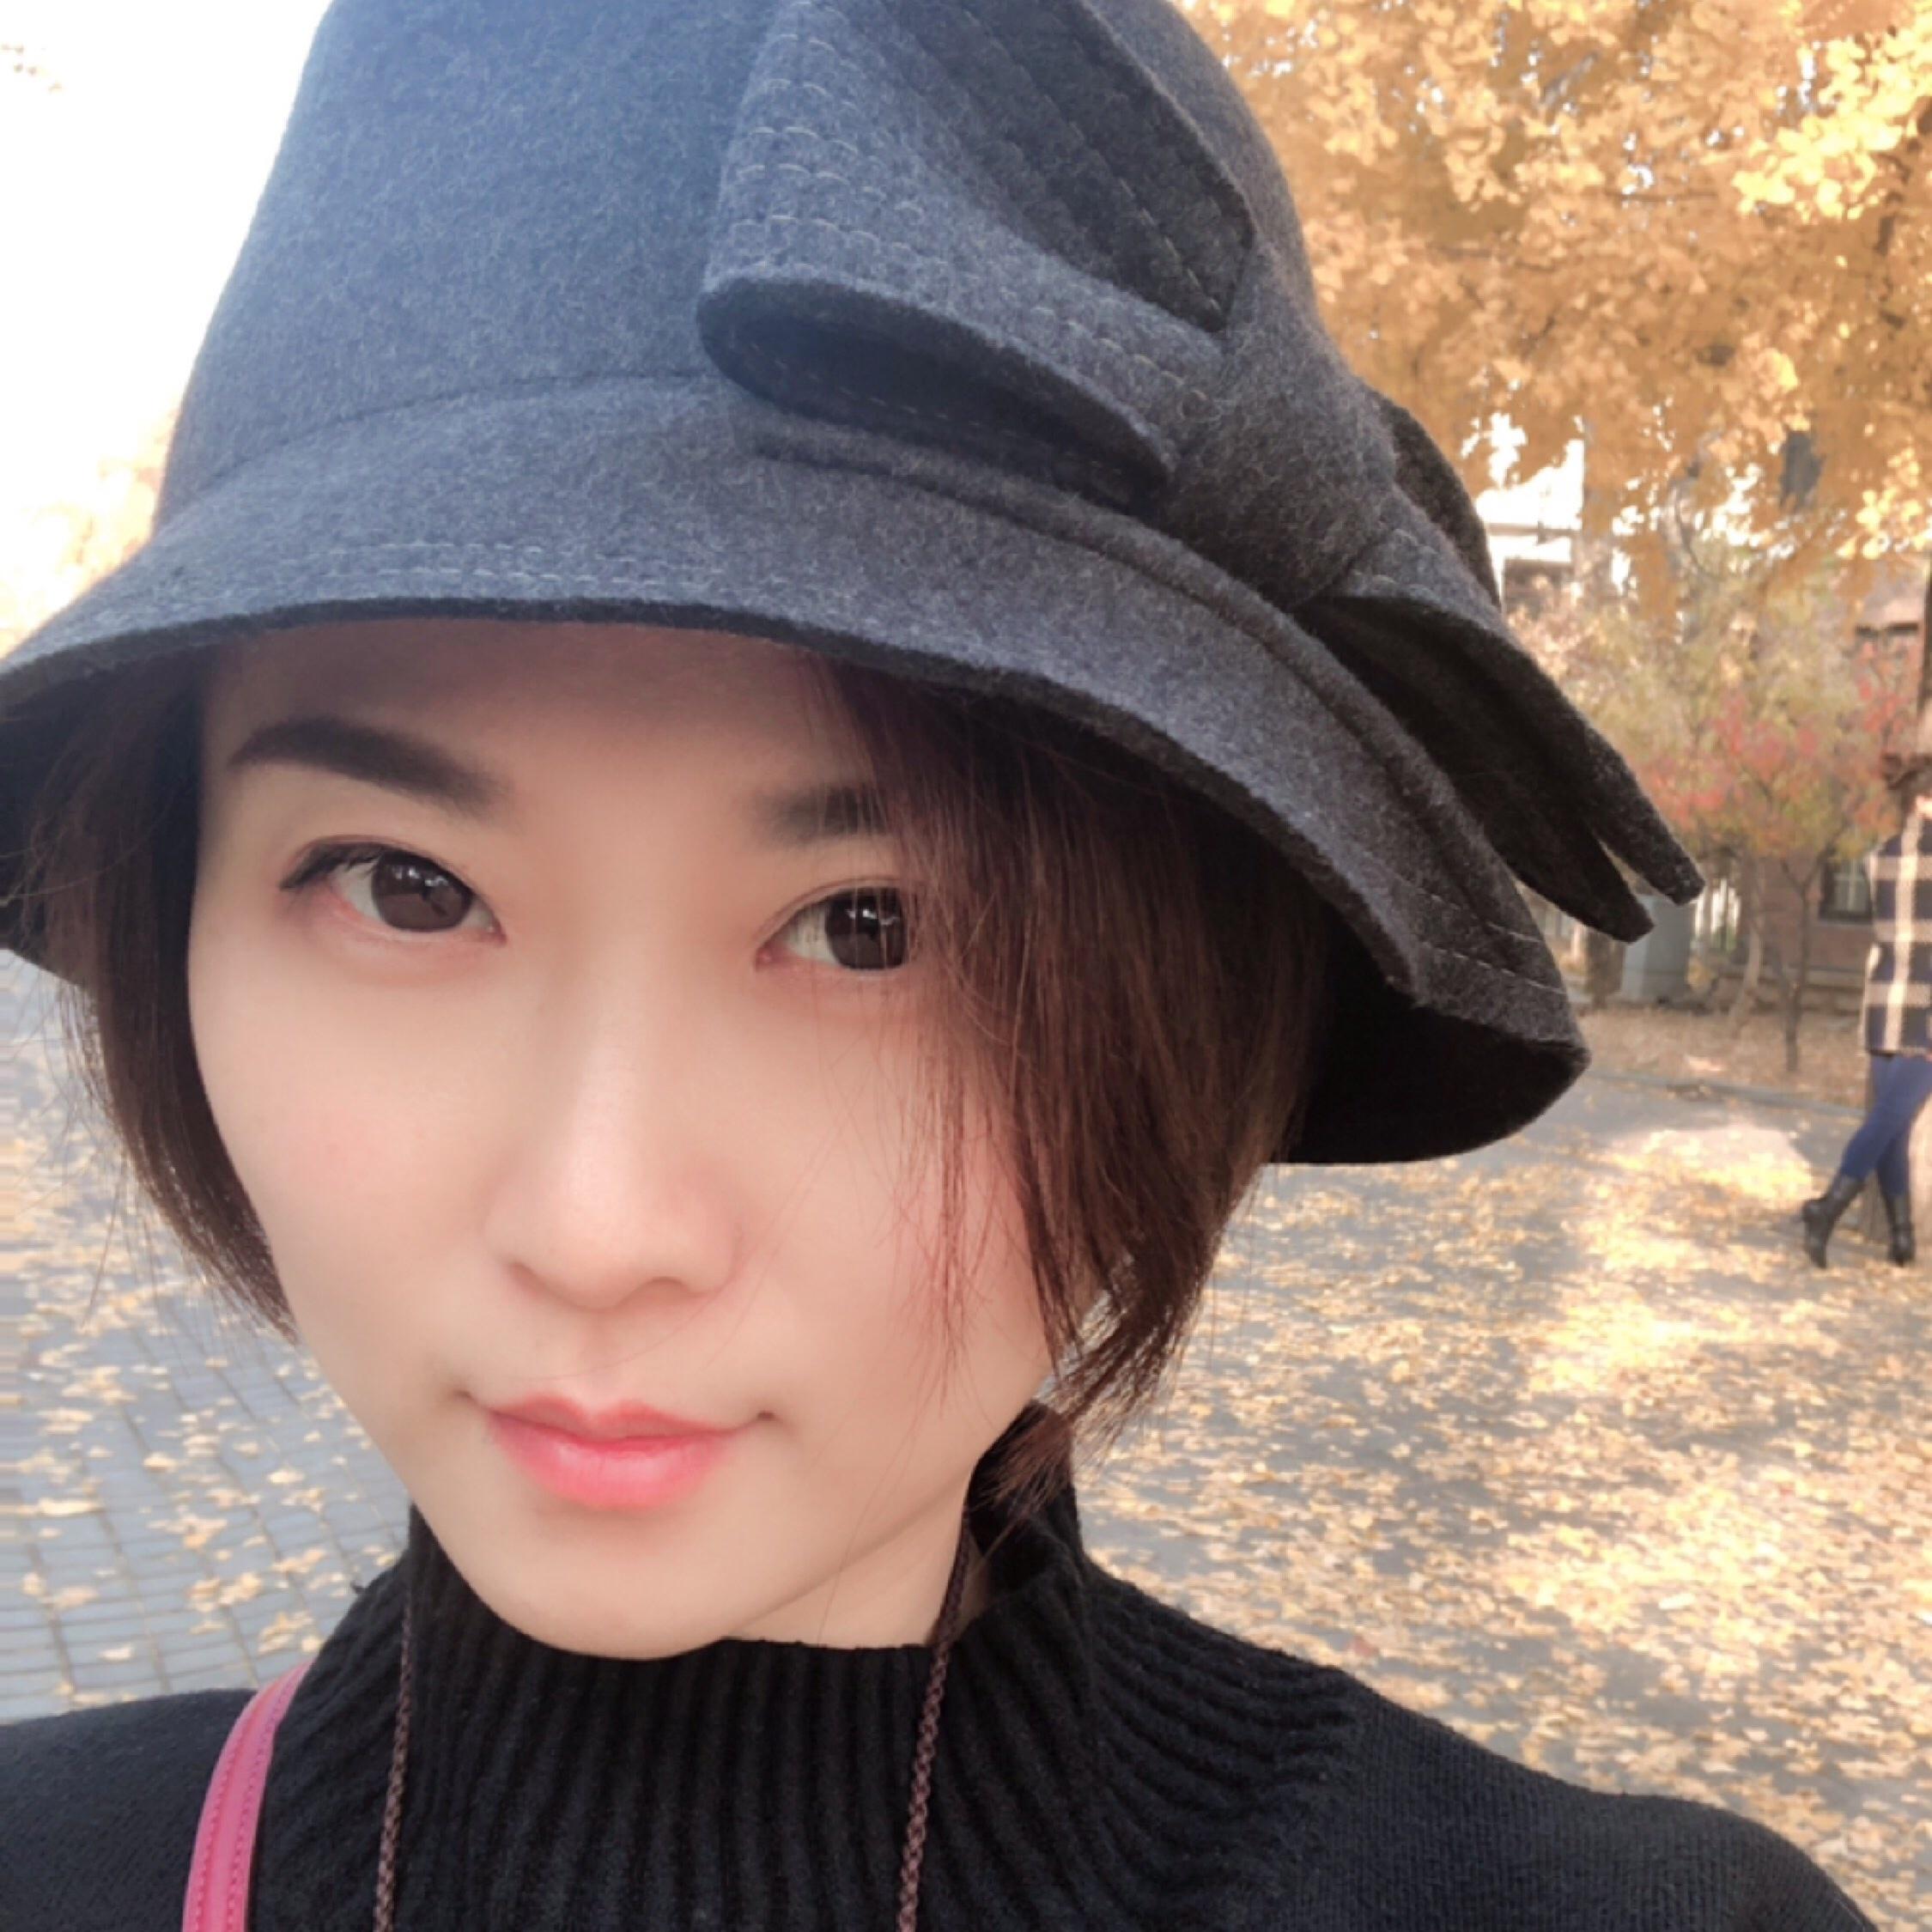 feirwong